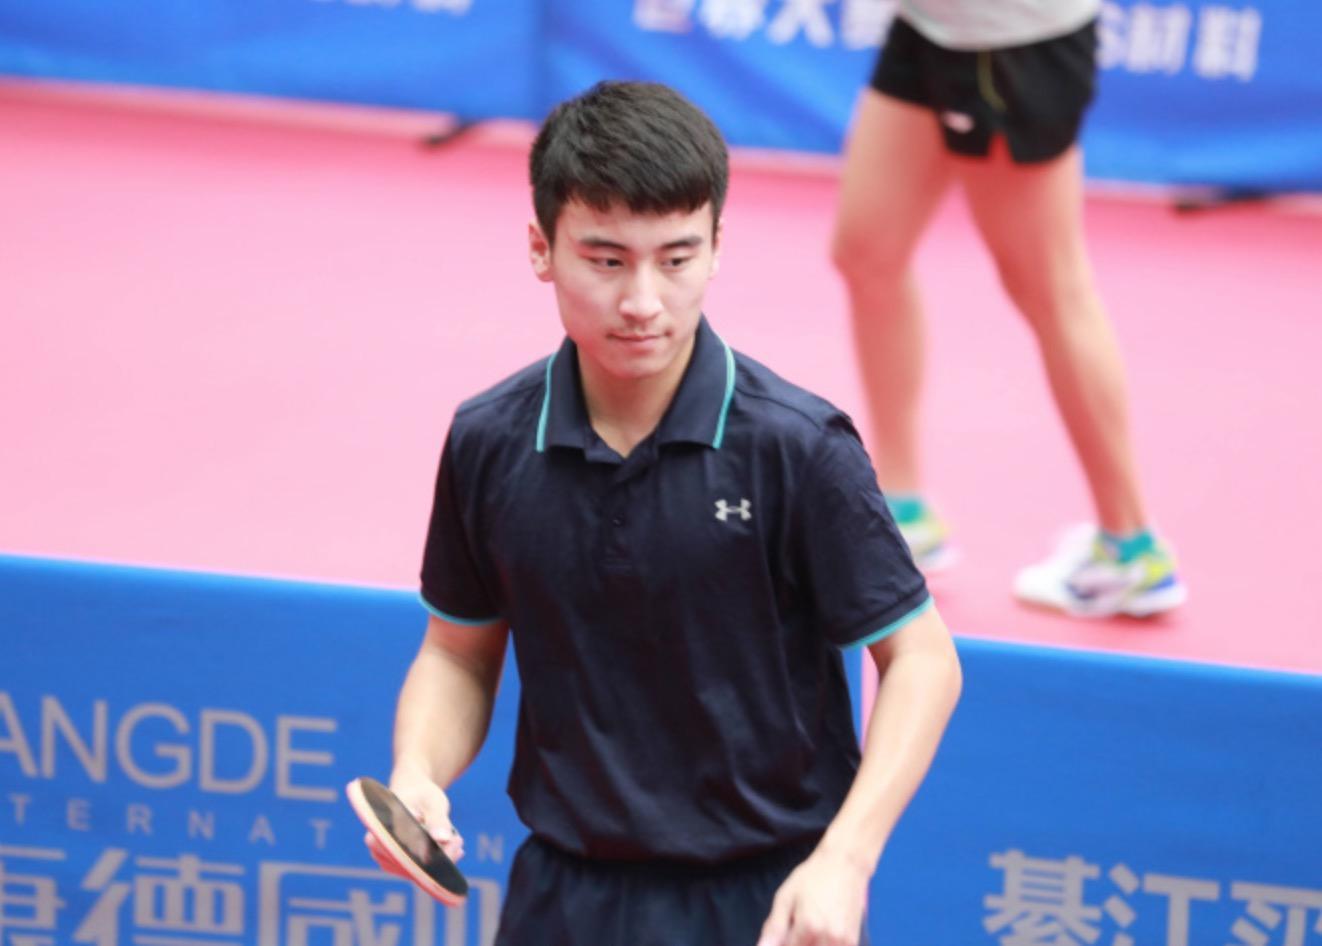 国乒15岁天才横空出世杀入一队 痛击日本华裔神童勇夺亚洲冠军